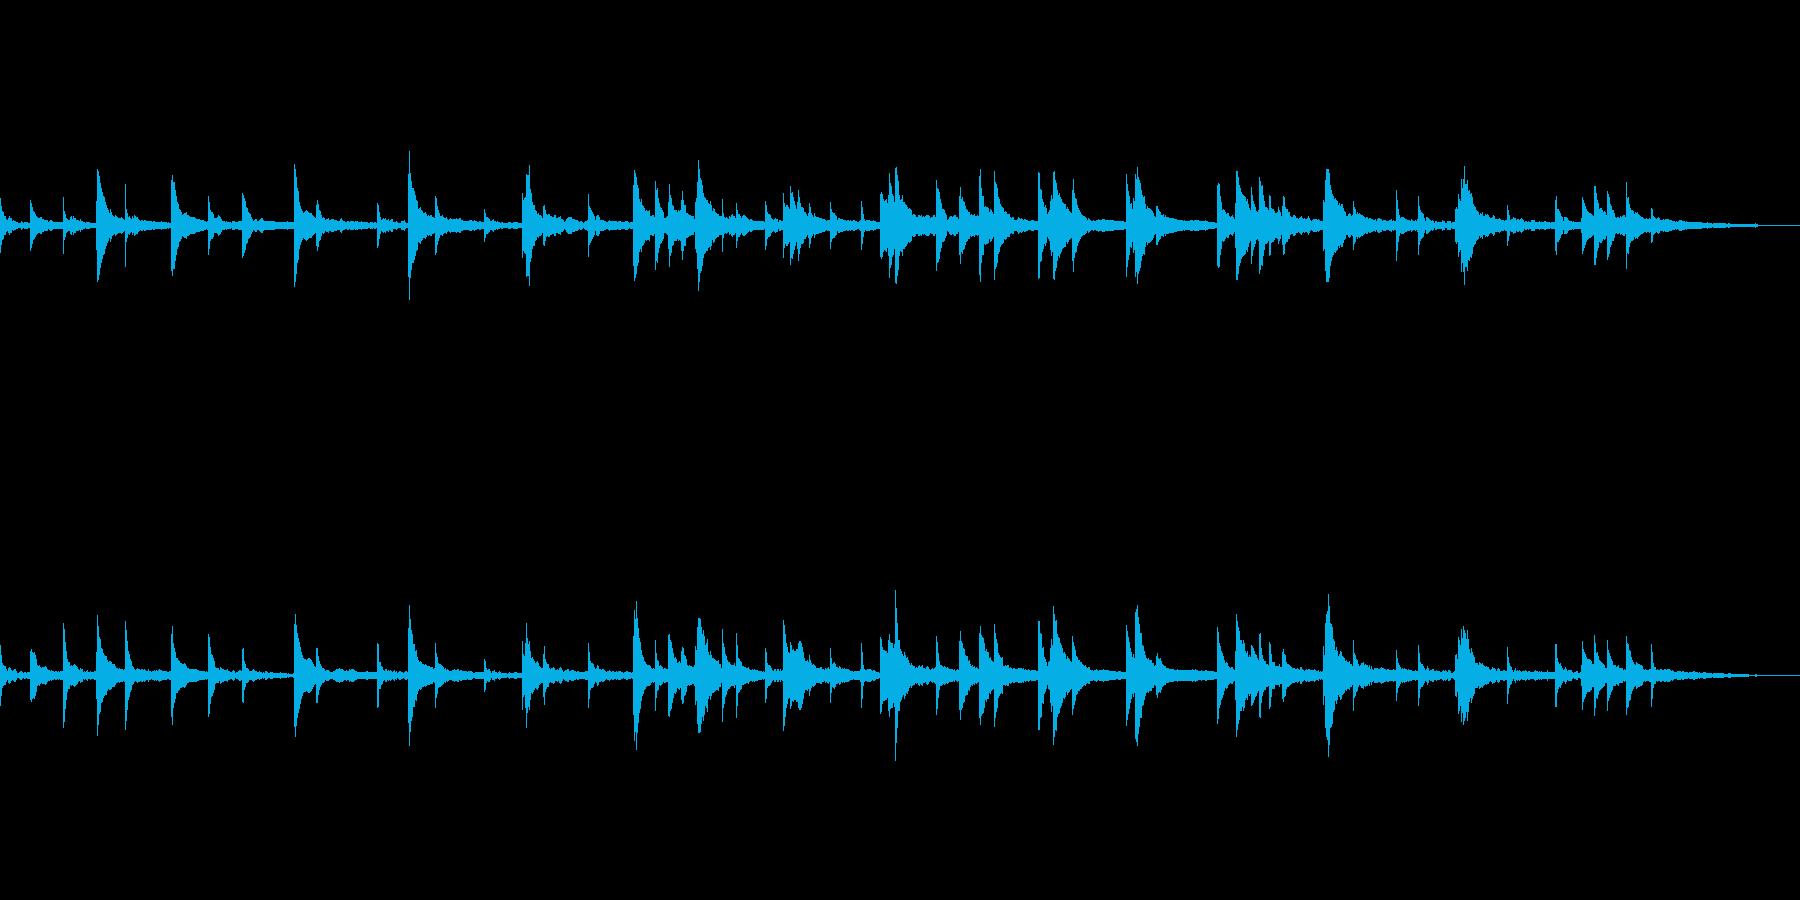 映像・ナレーション用ピアノ演奏(悲しみ)の再生済みの波形